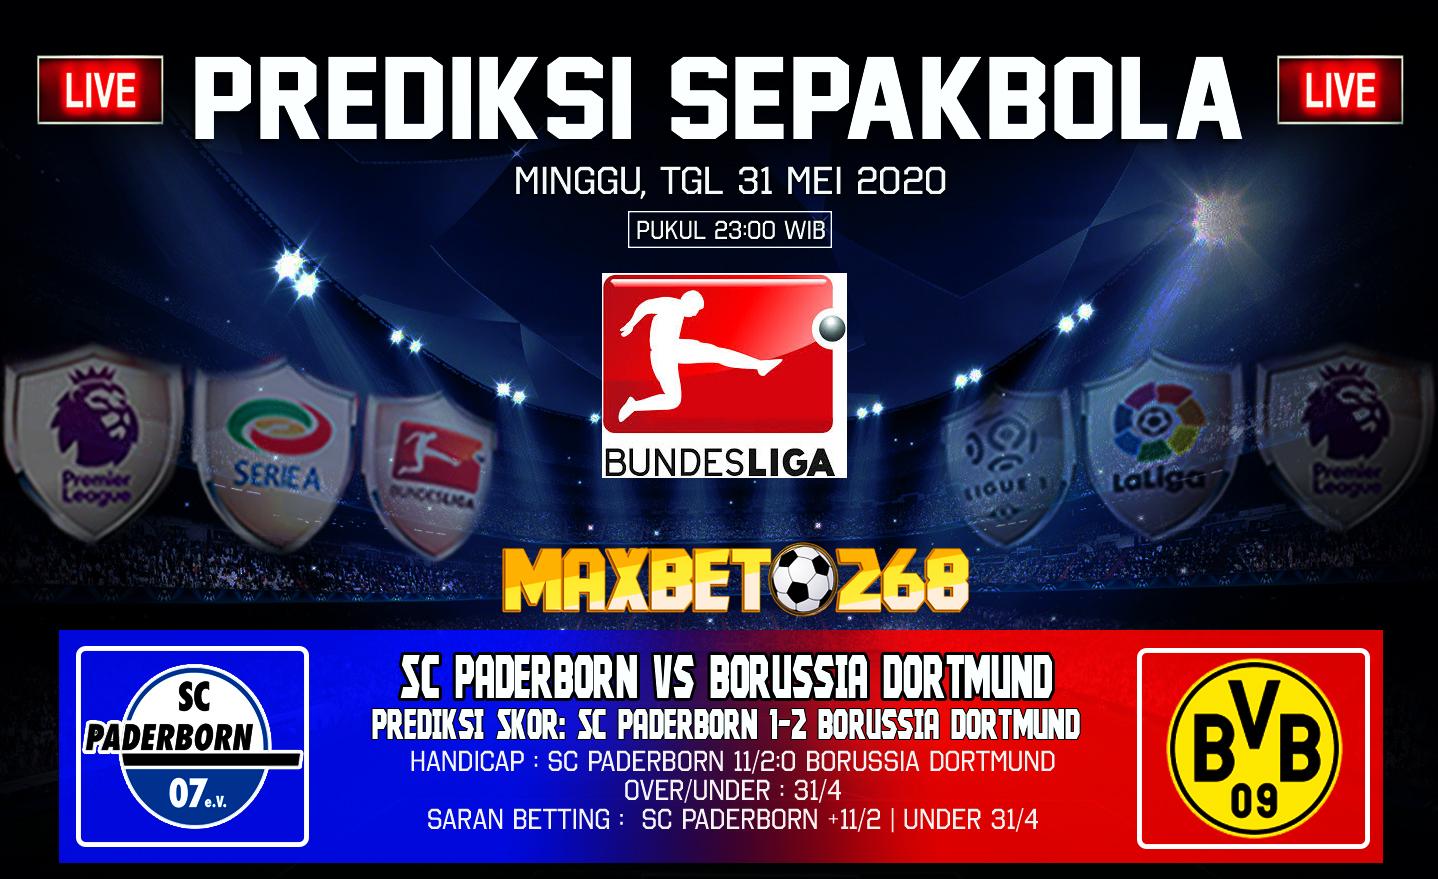 Prediksi Bola SC Paderborn Vs Borussia Dortmund 31 Mei 2020 Pukul 23.00 WIB